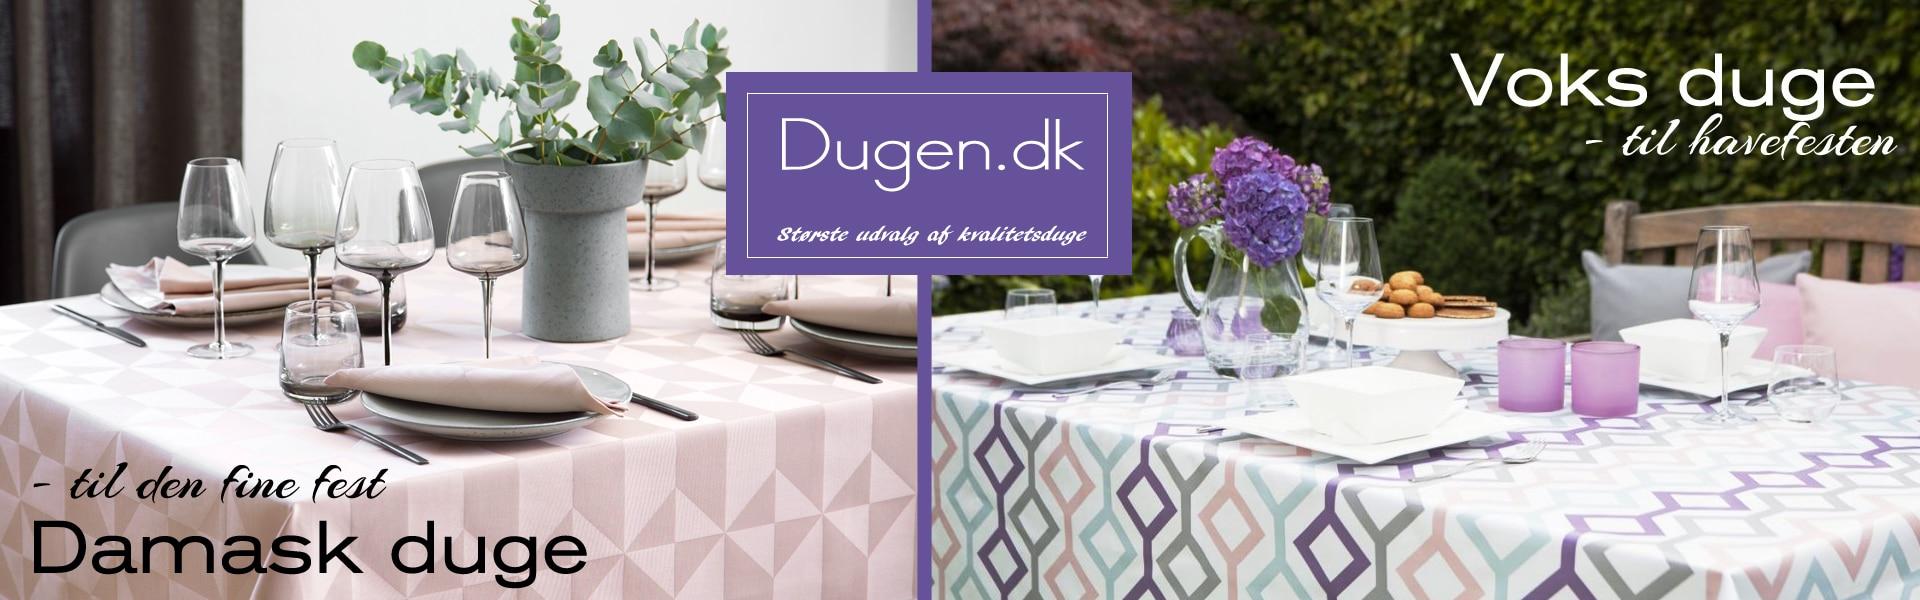 damask dug og voksdug - køb hos dugen.dk